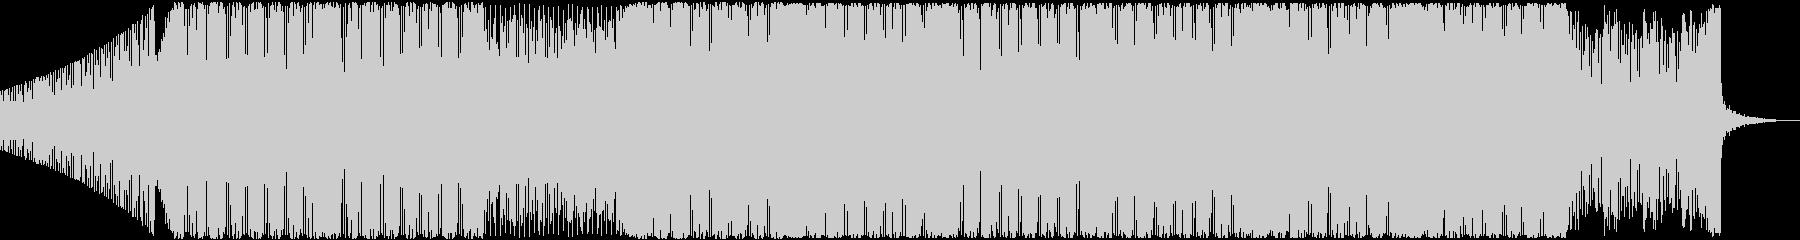 ハイテク系フューチャーベースサウンド!の未再生の波形